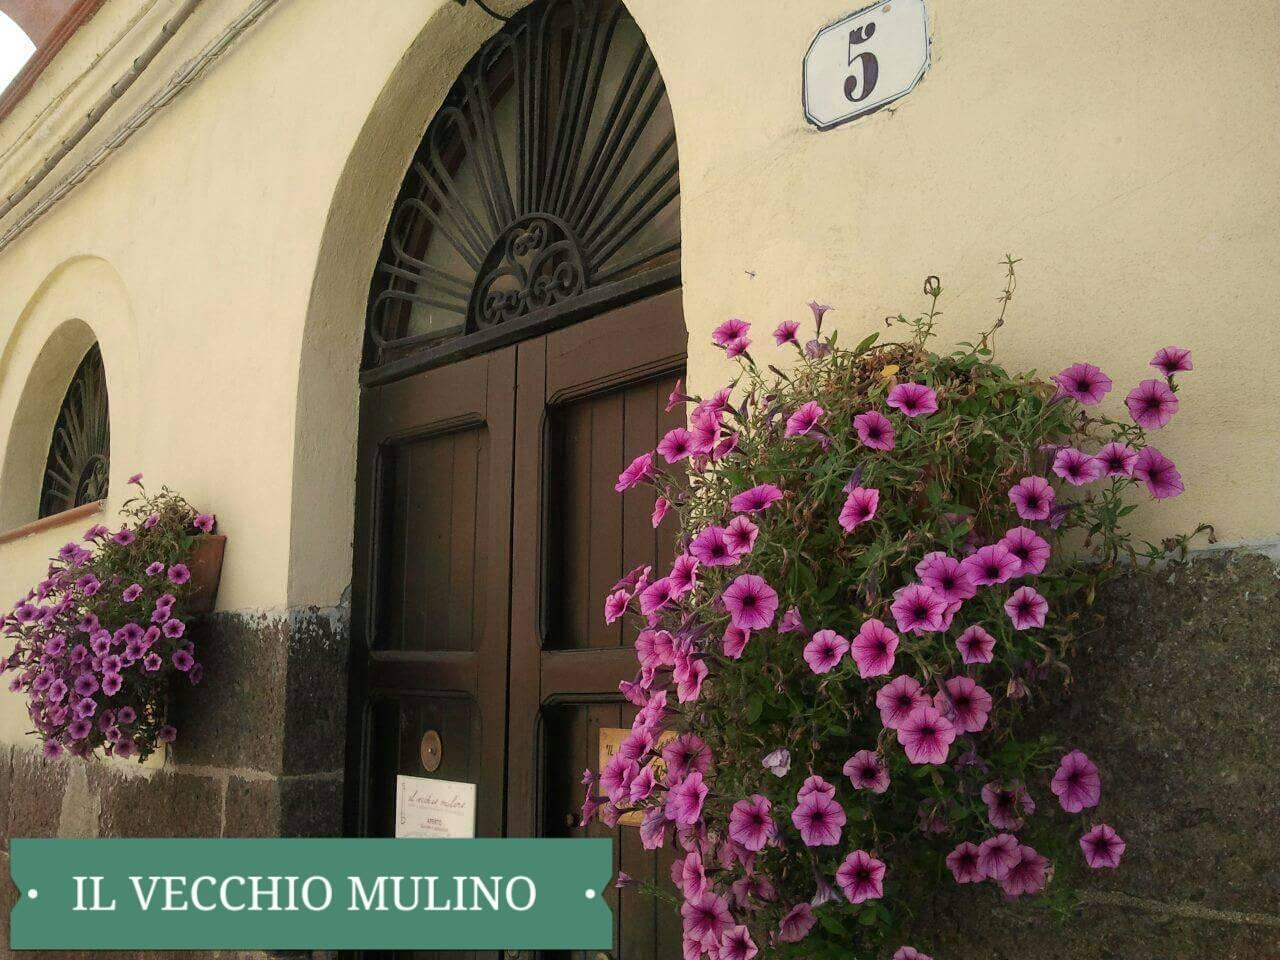 AL VECCHIO MULINO TRA MUSICA E CULTURA DEL CIBO